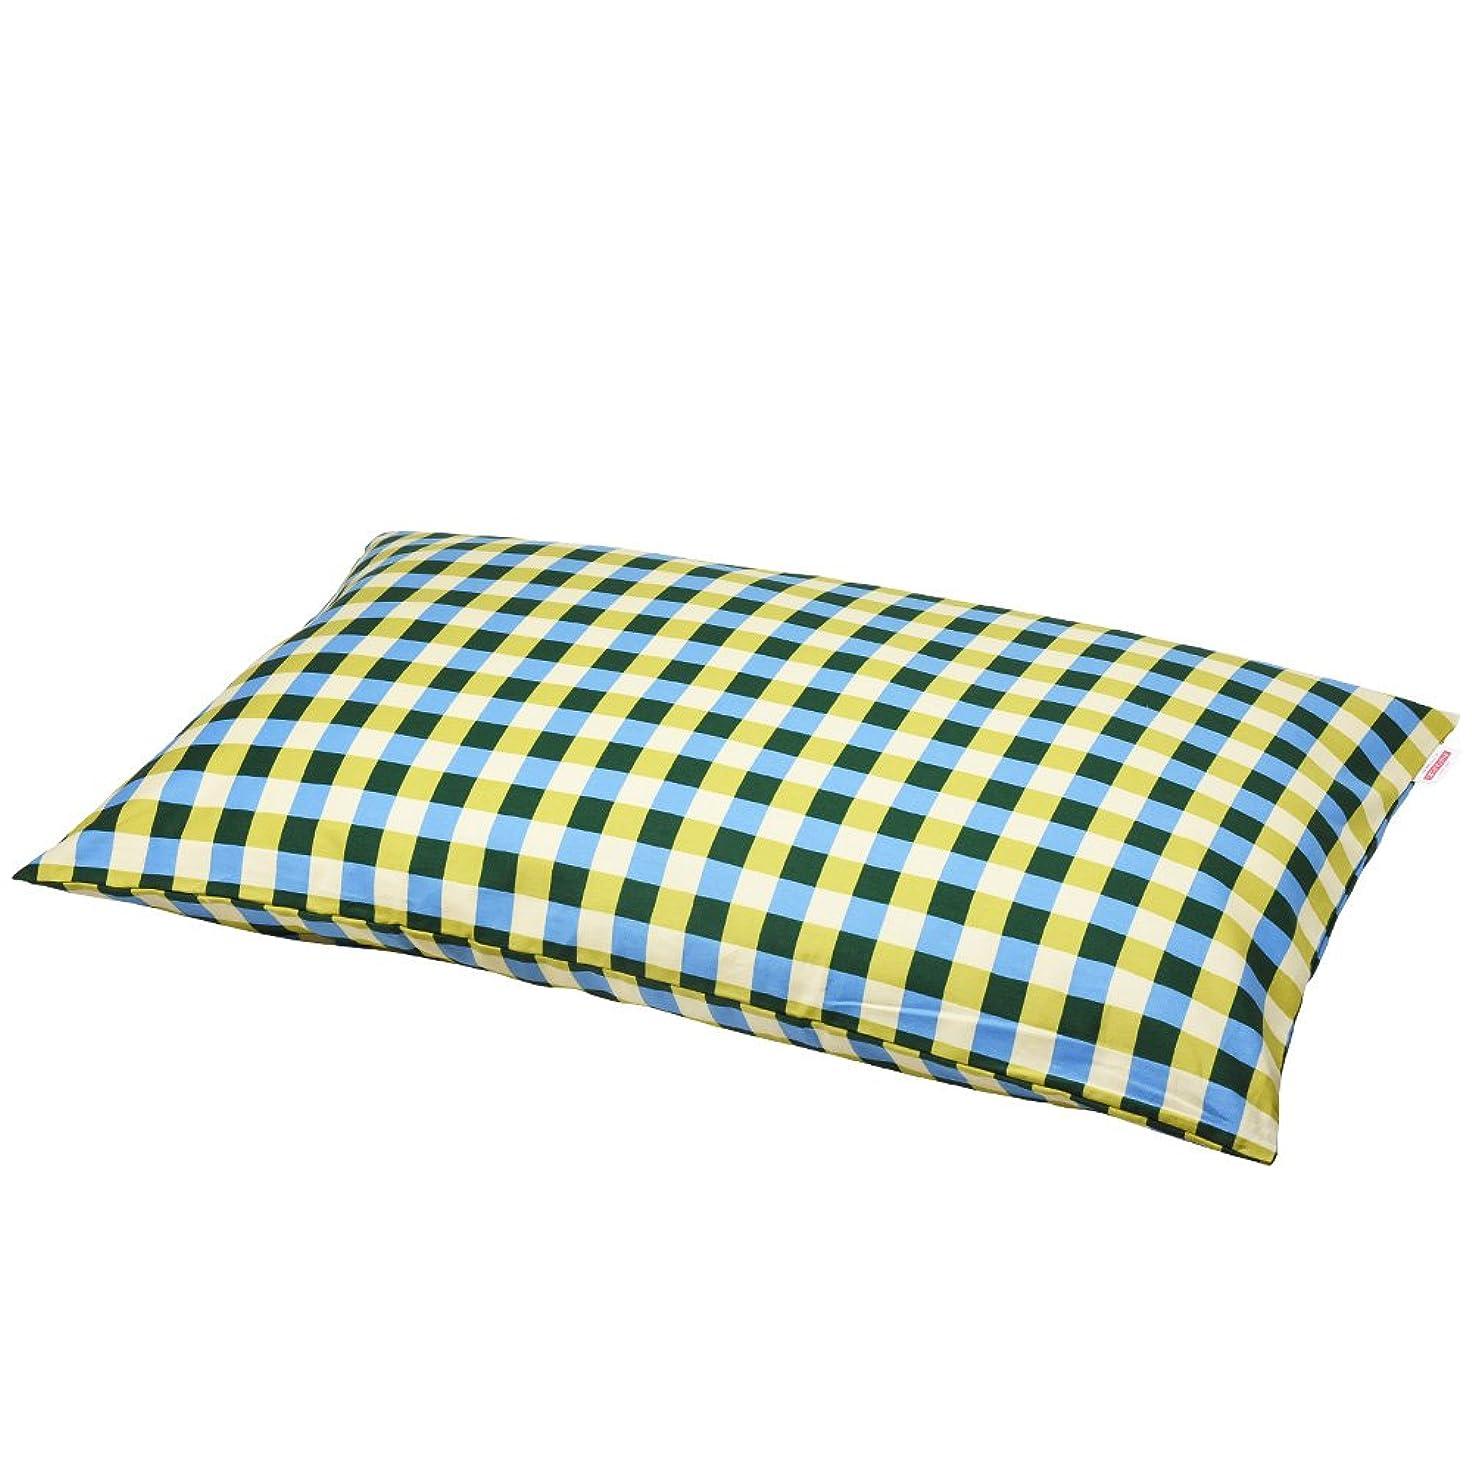 不機嫌そうな埋め込む取り扱い枕カバー 60×100cmの枕用 チェック綿100% ファスナー式 ぶつぬいロック仕上げ 日本製 枕 綿 ブルー